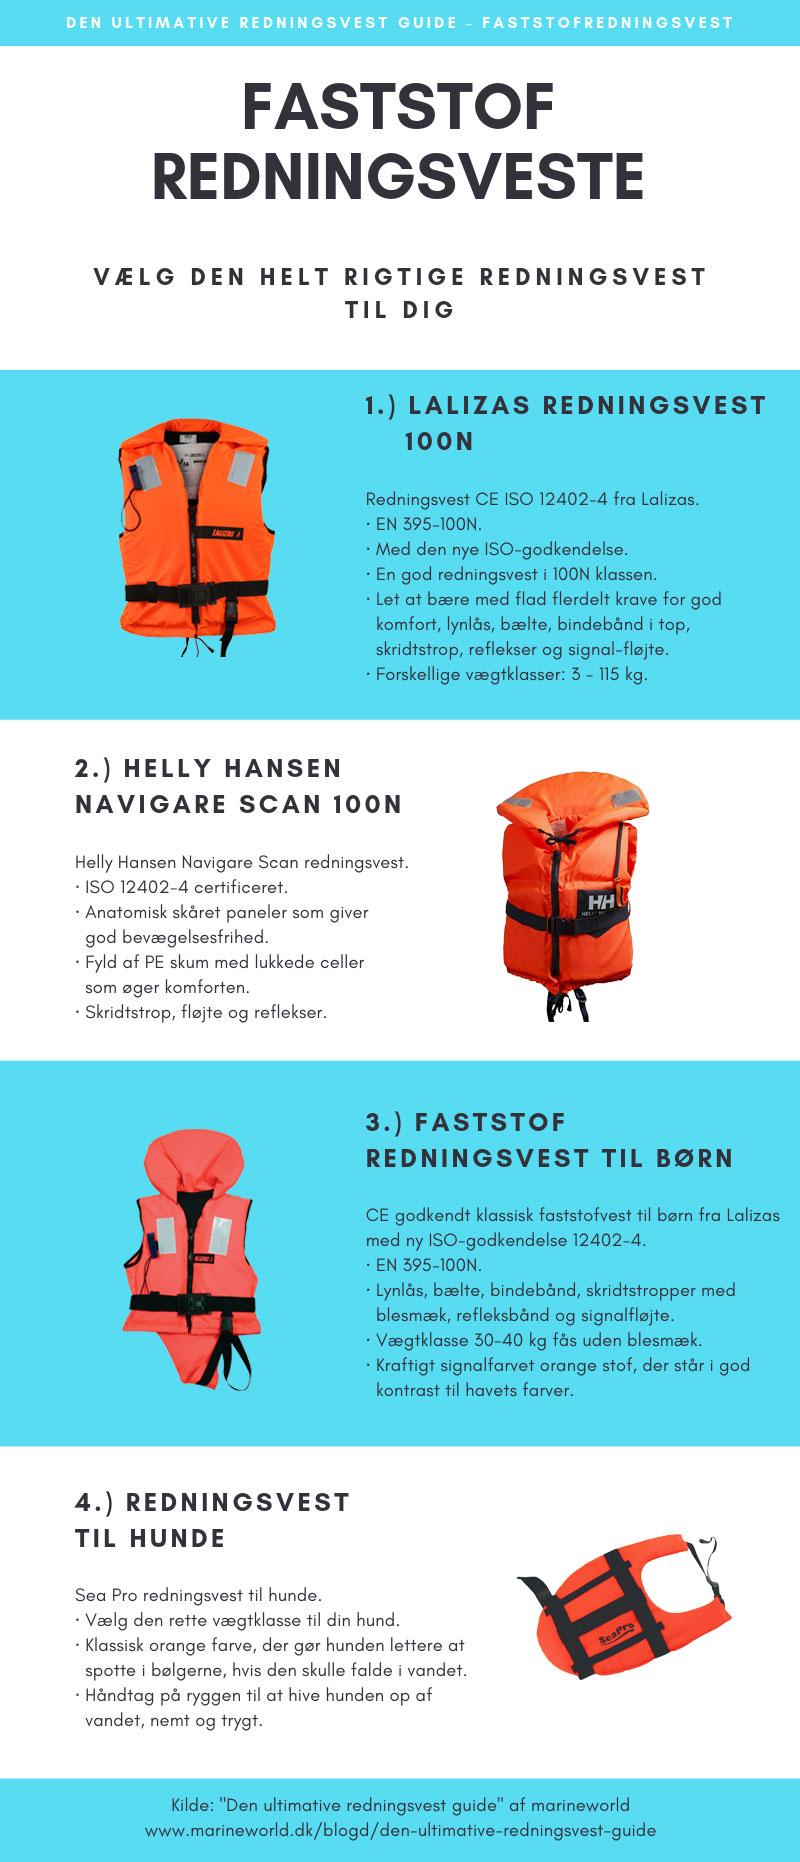 vælg en sikker og bedste faststof redningsvest - den ultimative redningsvest guide